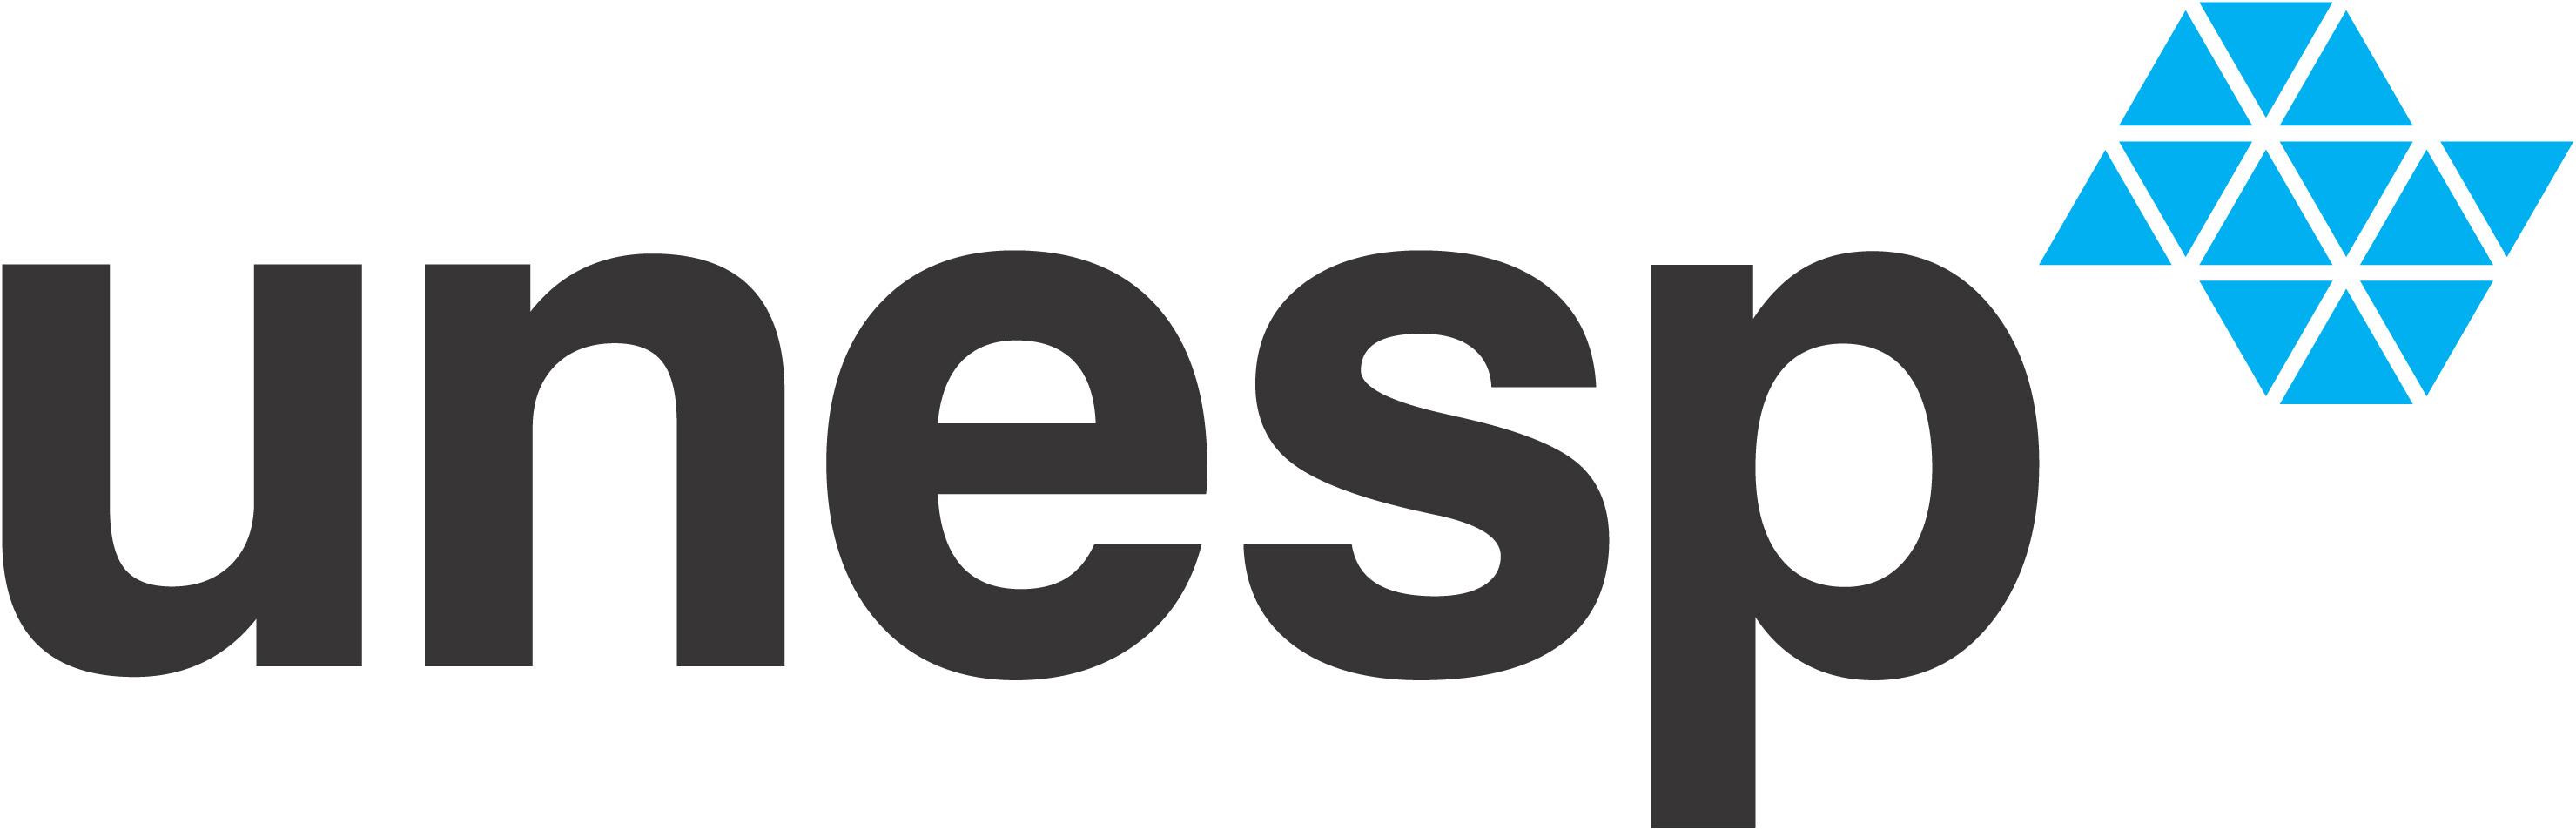 http://sites.siteturbo.com.br/_gerador/upload/1256/logo_unesp_assinatura.jpg